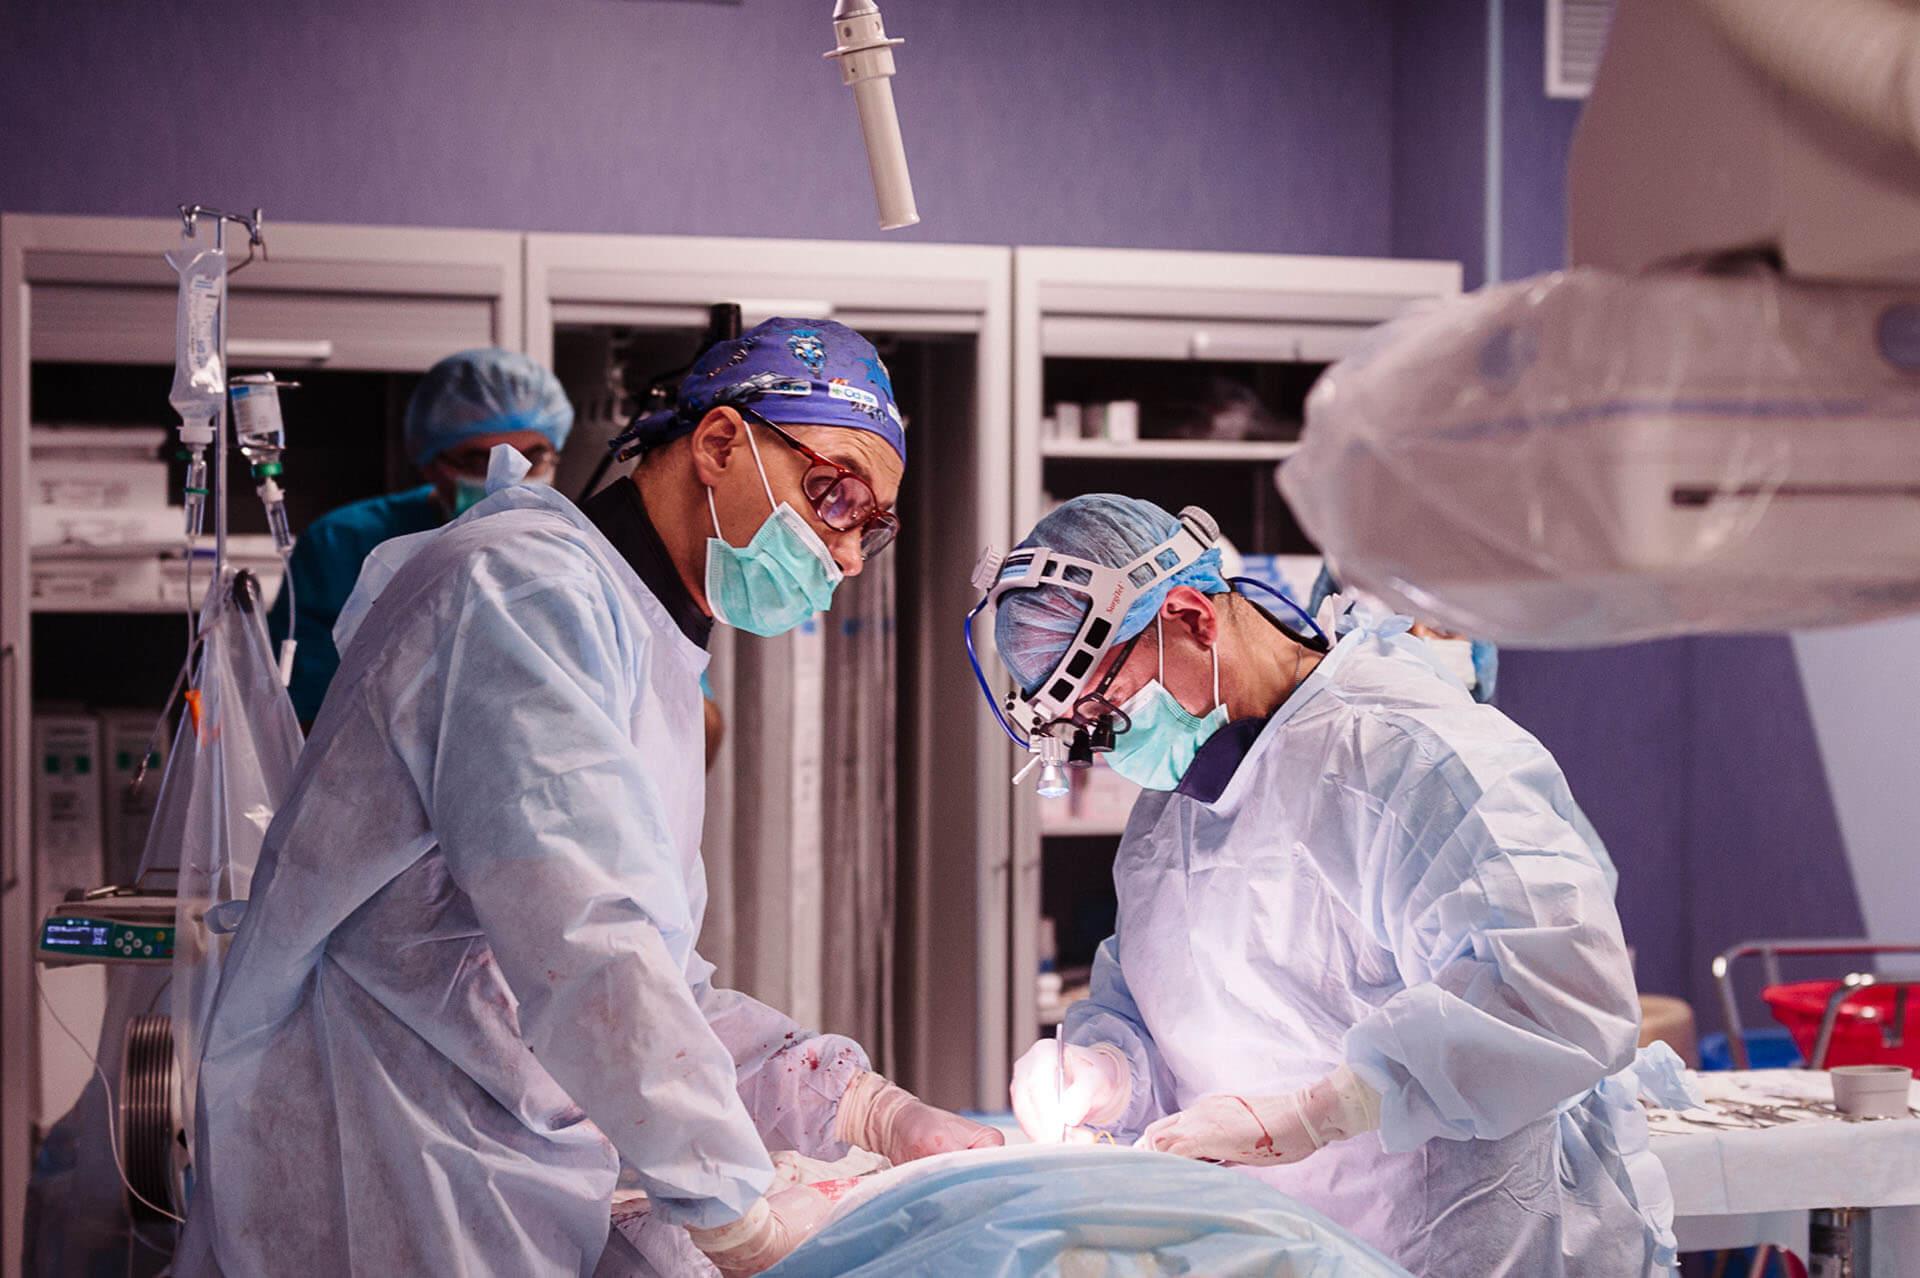 Краснодарские хирурги впервые удалили две опухоли сразу лапароскопическим путём